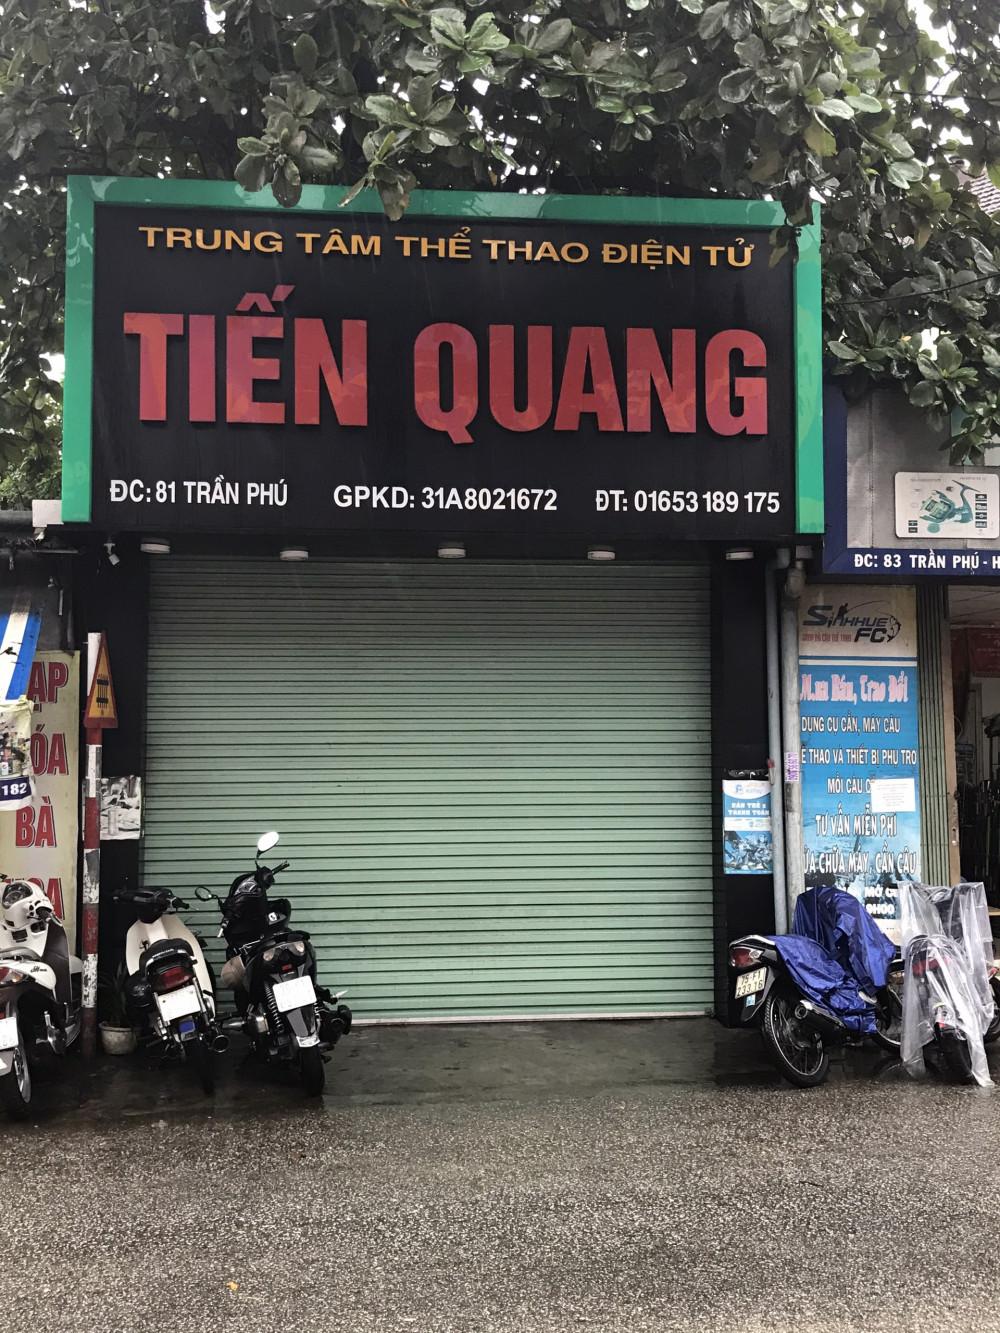 Trung tâm thể thao điện tử Tiến Quang (số 81 Trần Phú, phường Phước Vĩnh, TP. Huế